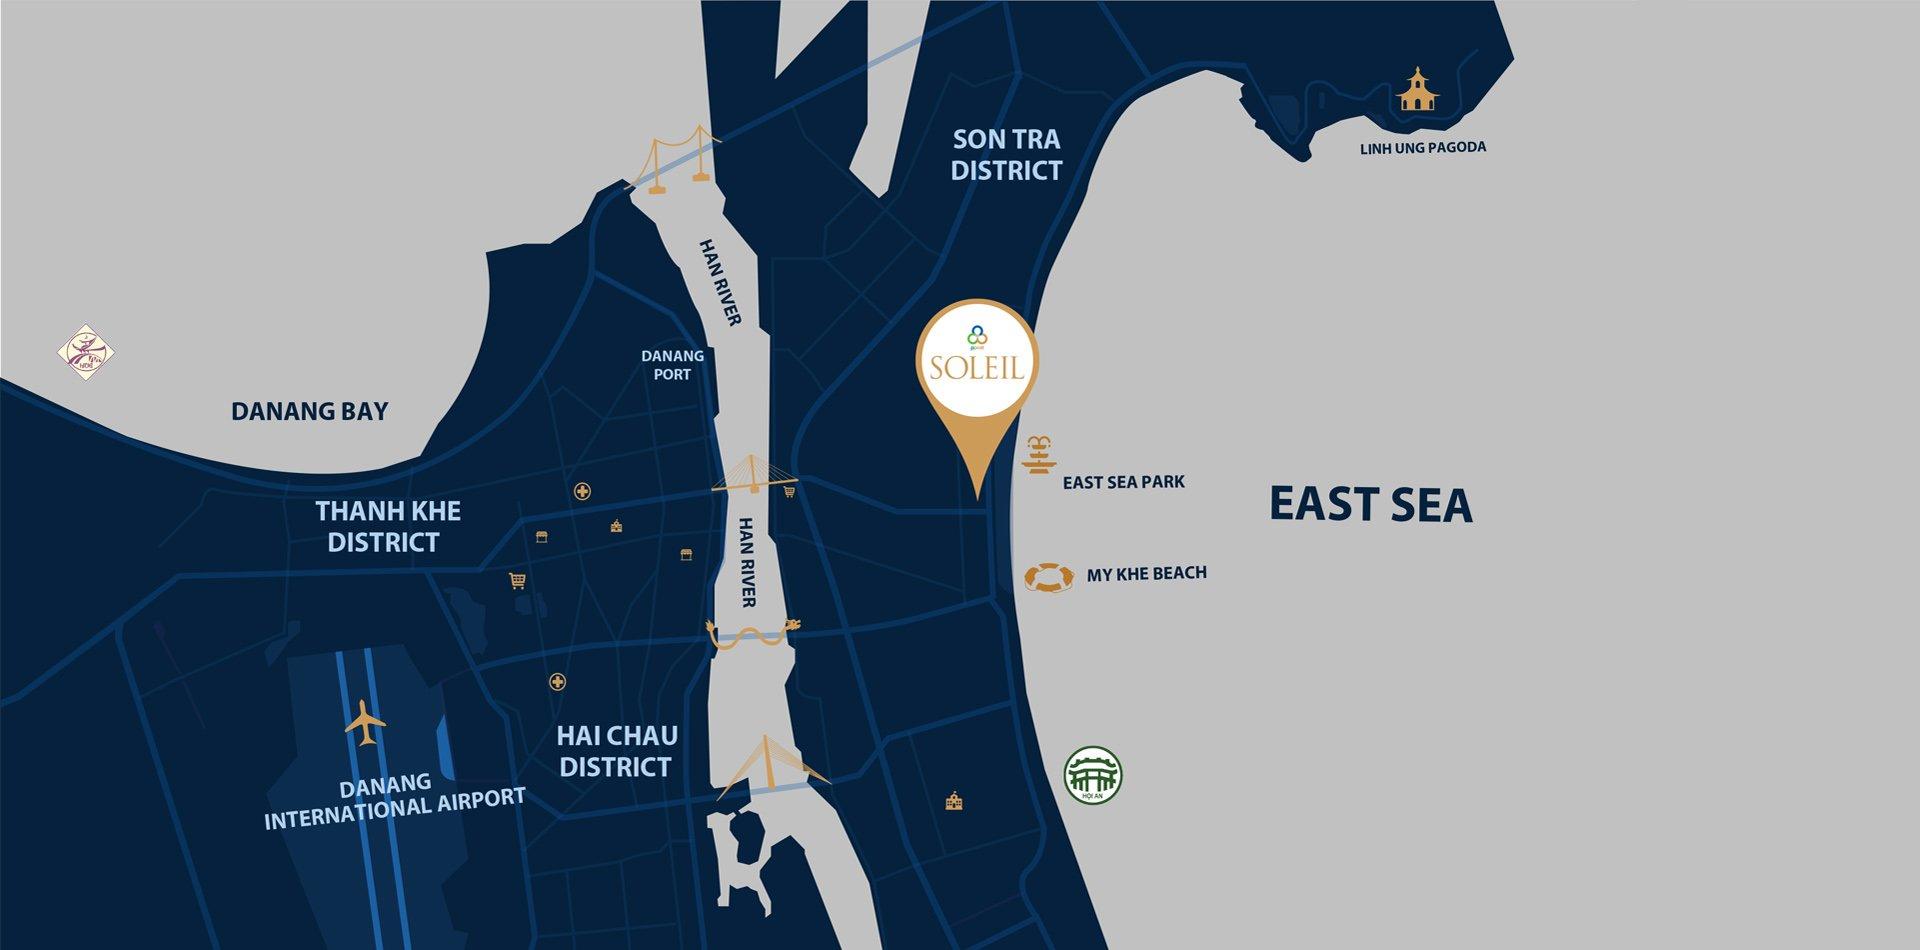 map cover wyndham soleil - DỰ ÁN WYNDHAM SOLEIL ĐÀ NẴNG